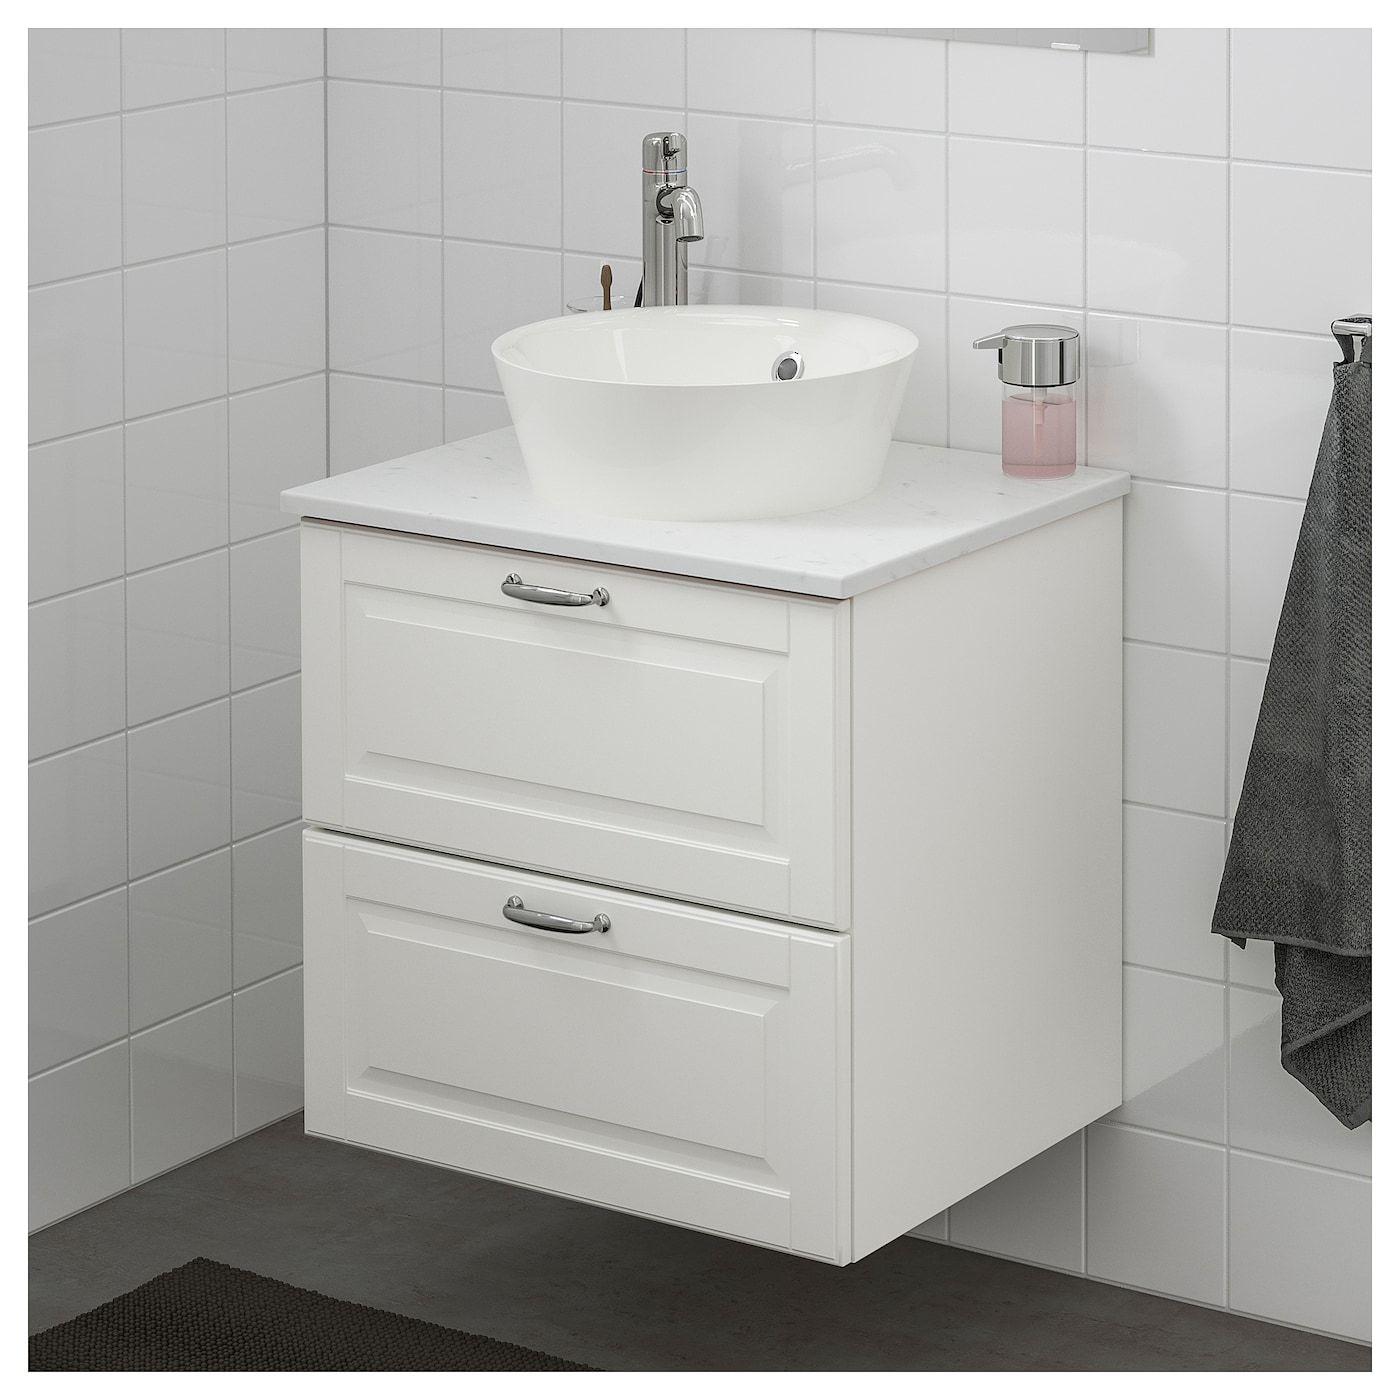 Ikea Godmorgon Tolken Kattevik Kasjon White Marble Effect